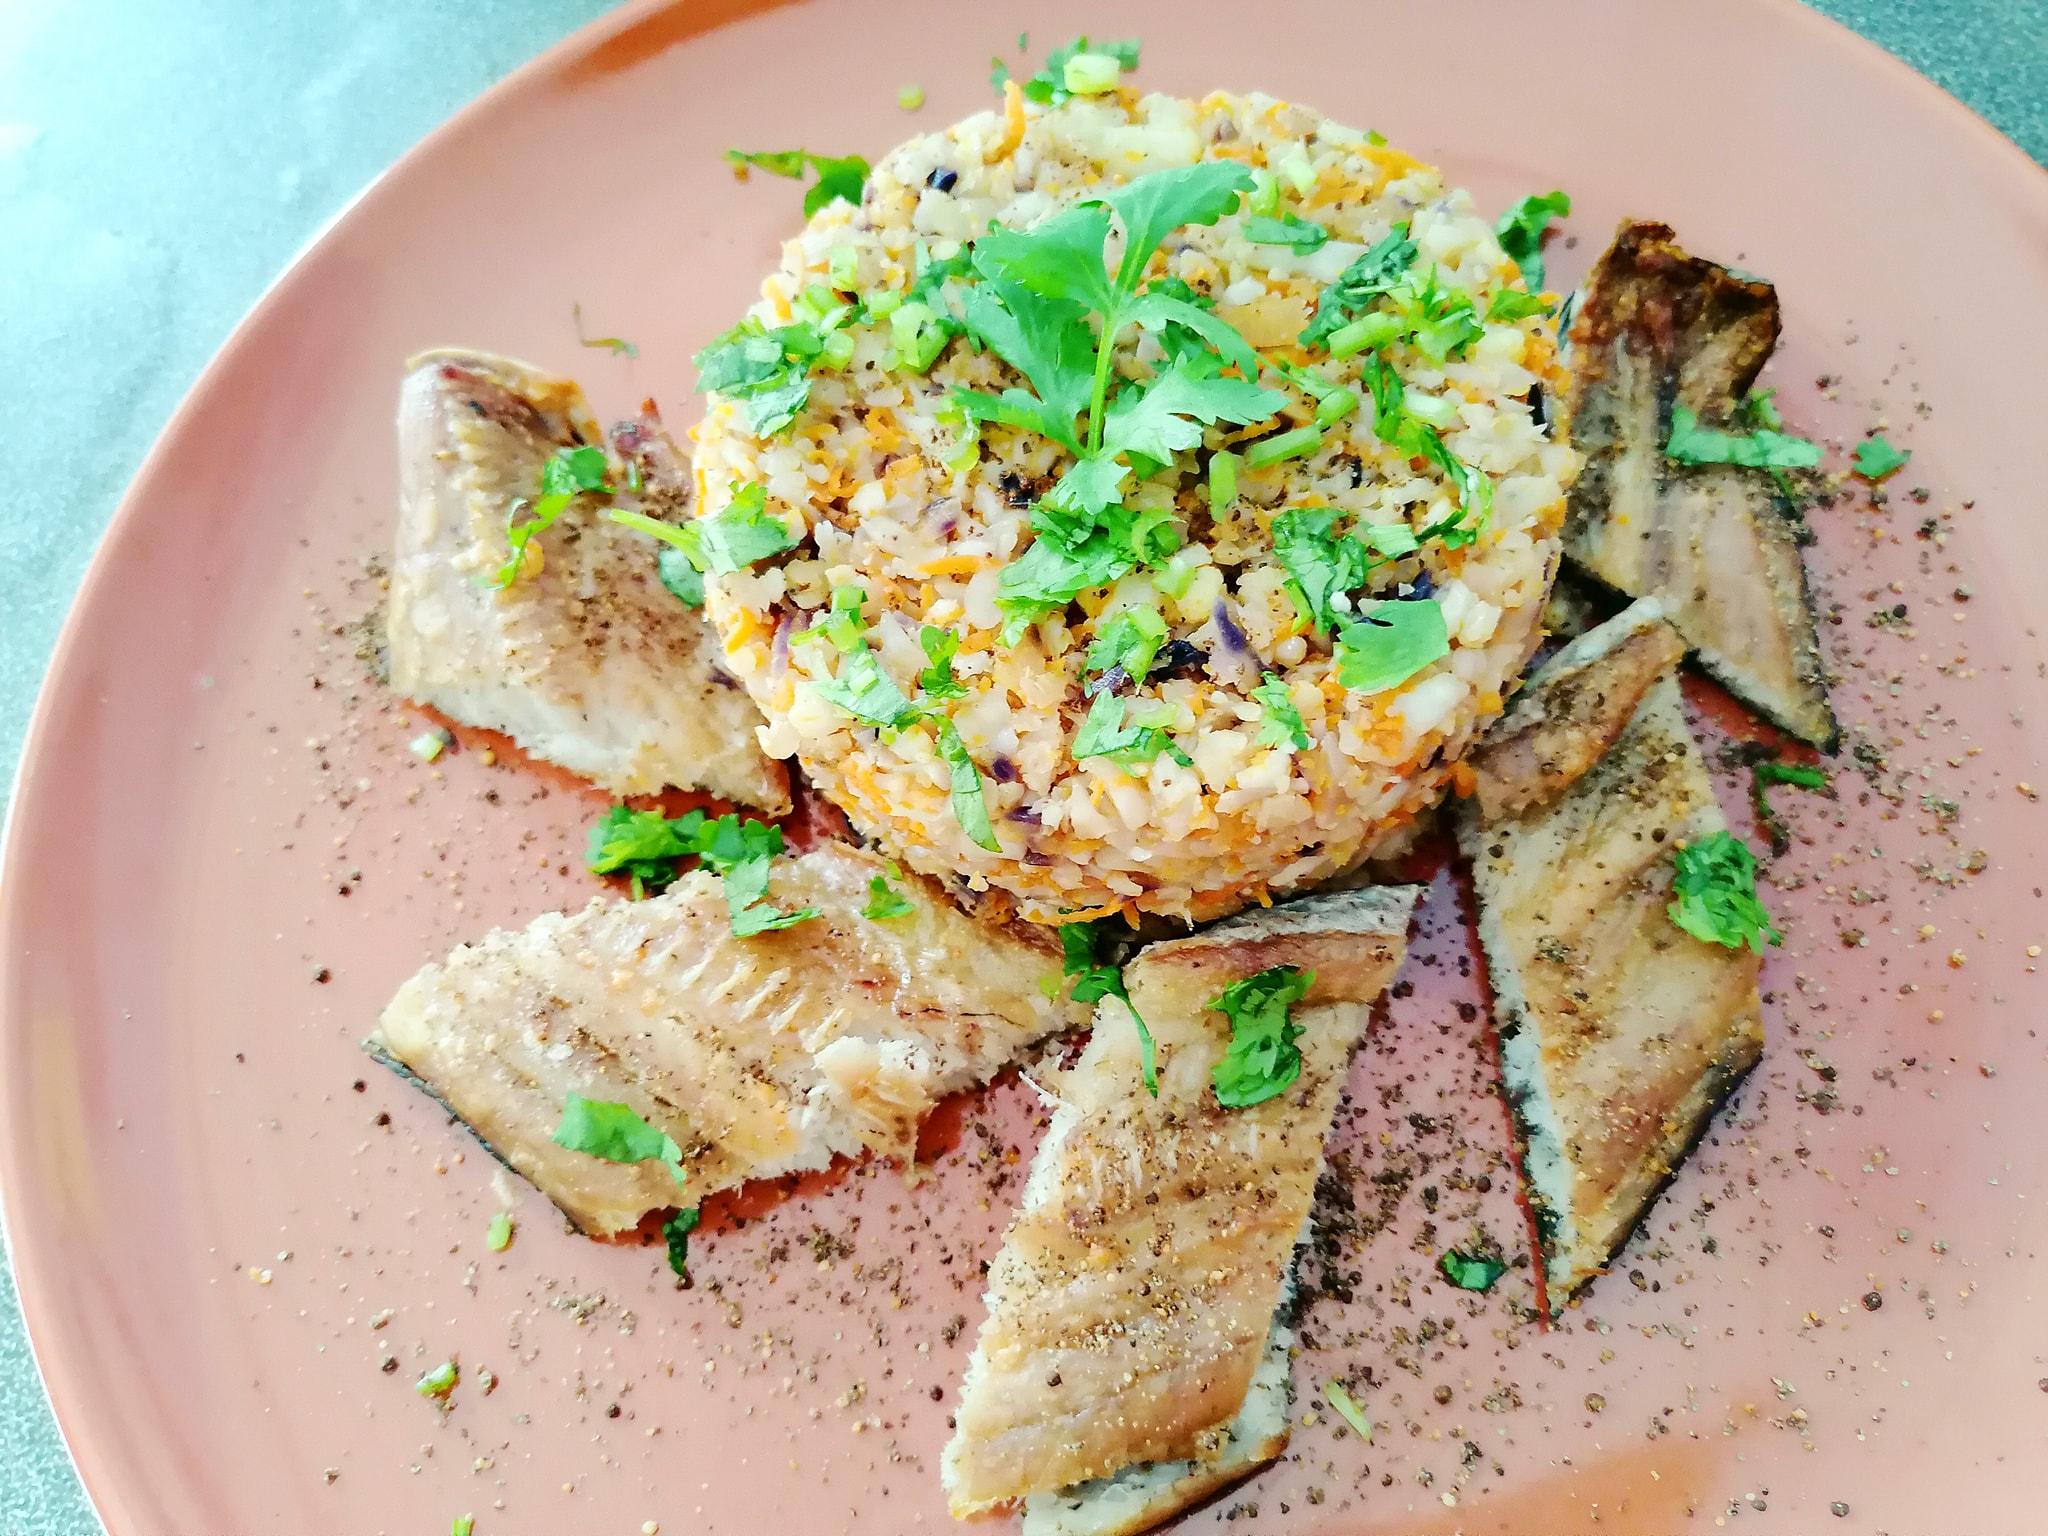 ข้าวดอกกะหล่ำ ปลาช่อนอบ สูตรอาหาร วิธีทำ แม่บ้าน